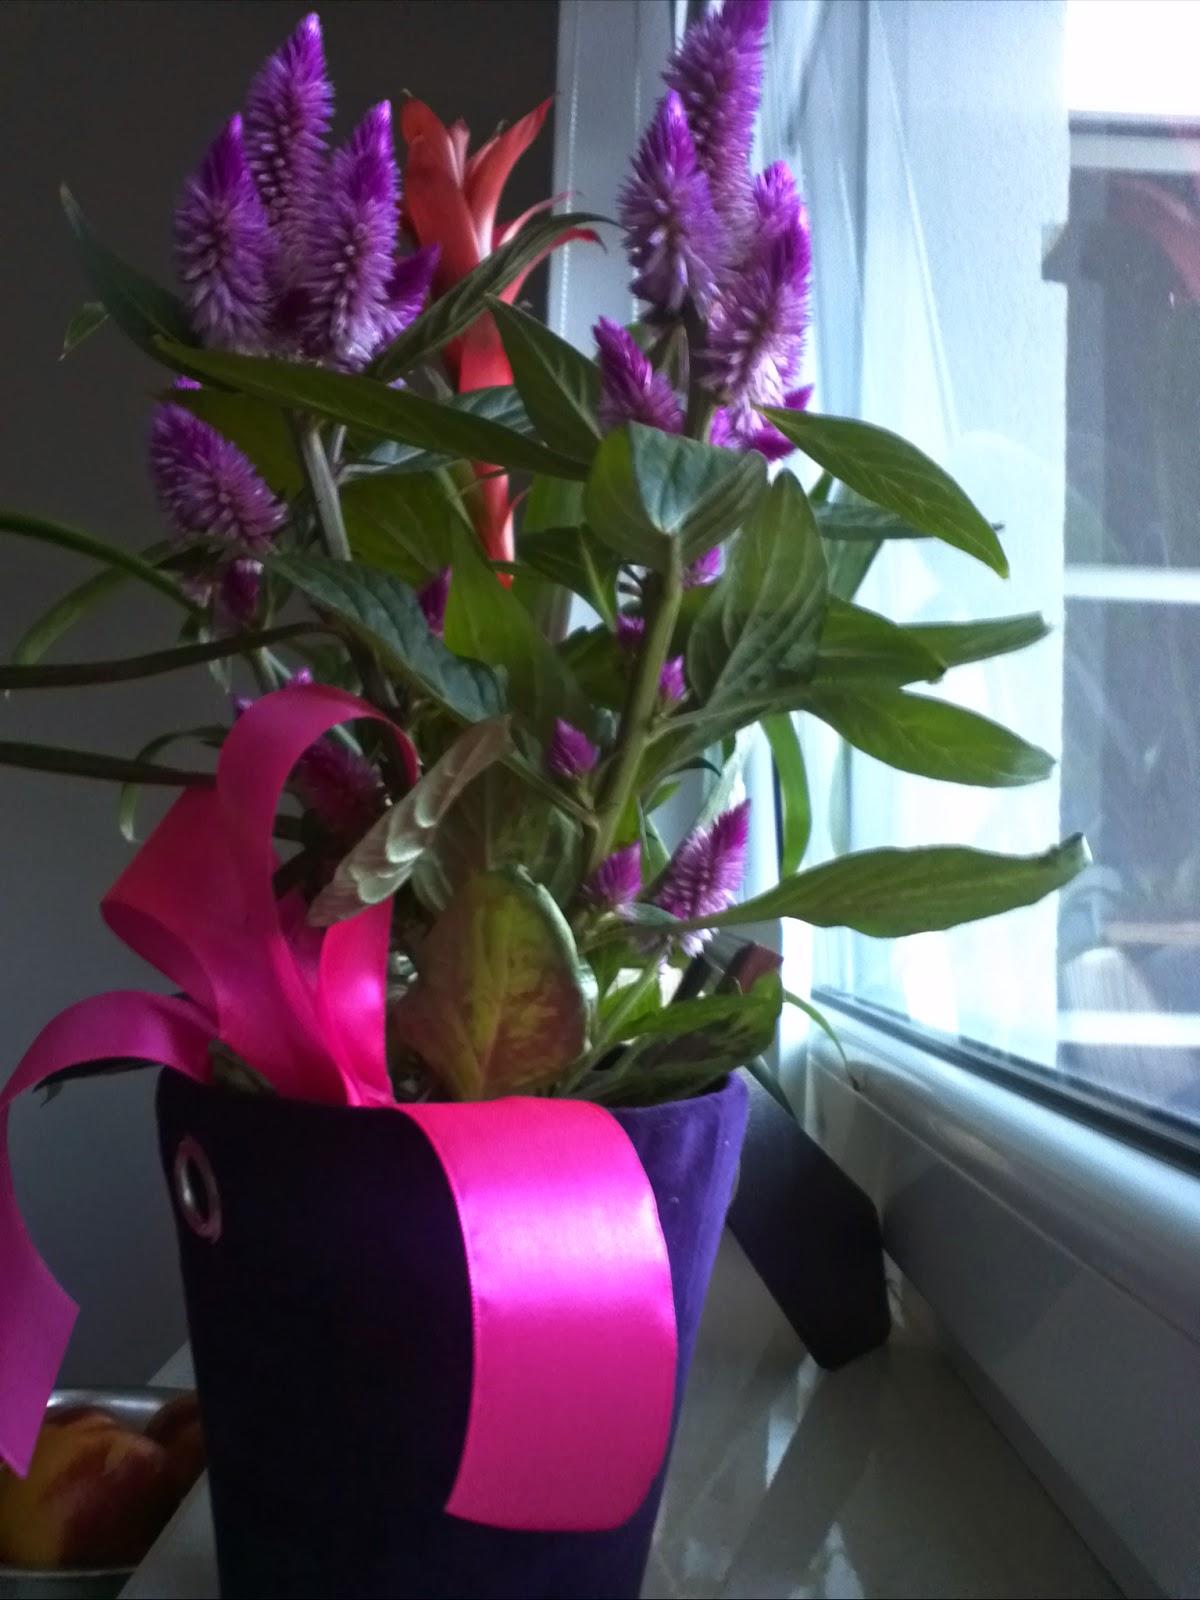 celozja, fioletowe kwiaty, możliwe zasuszanie